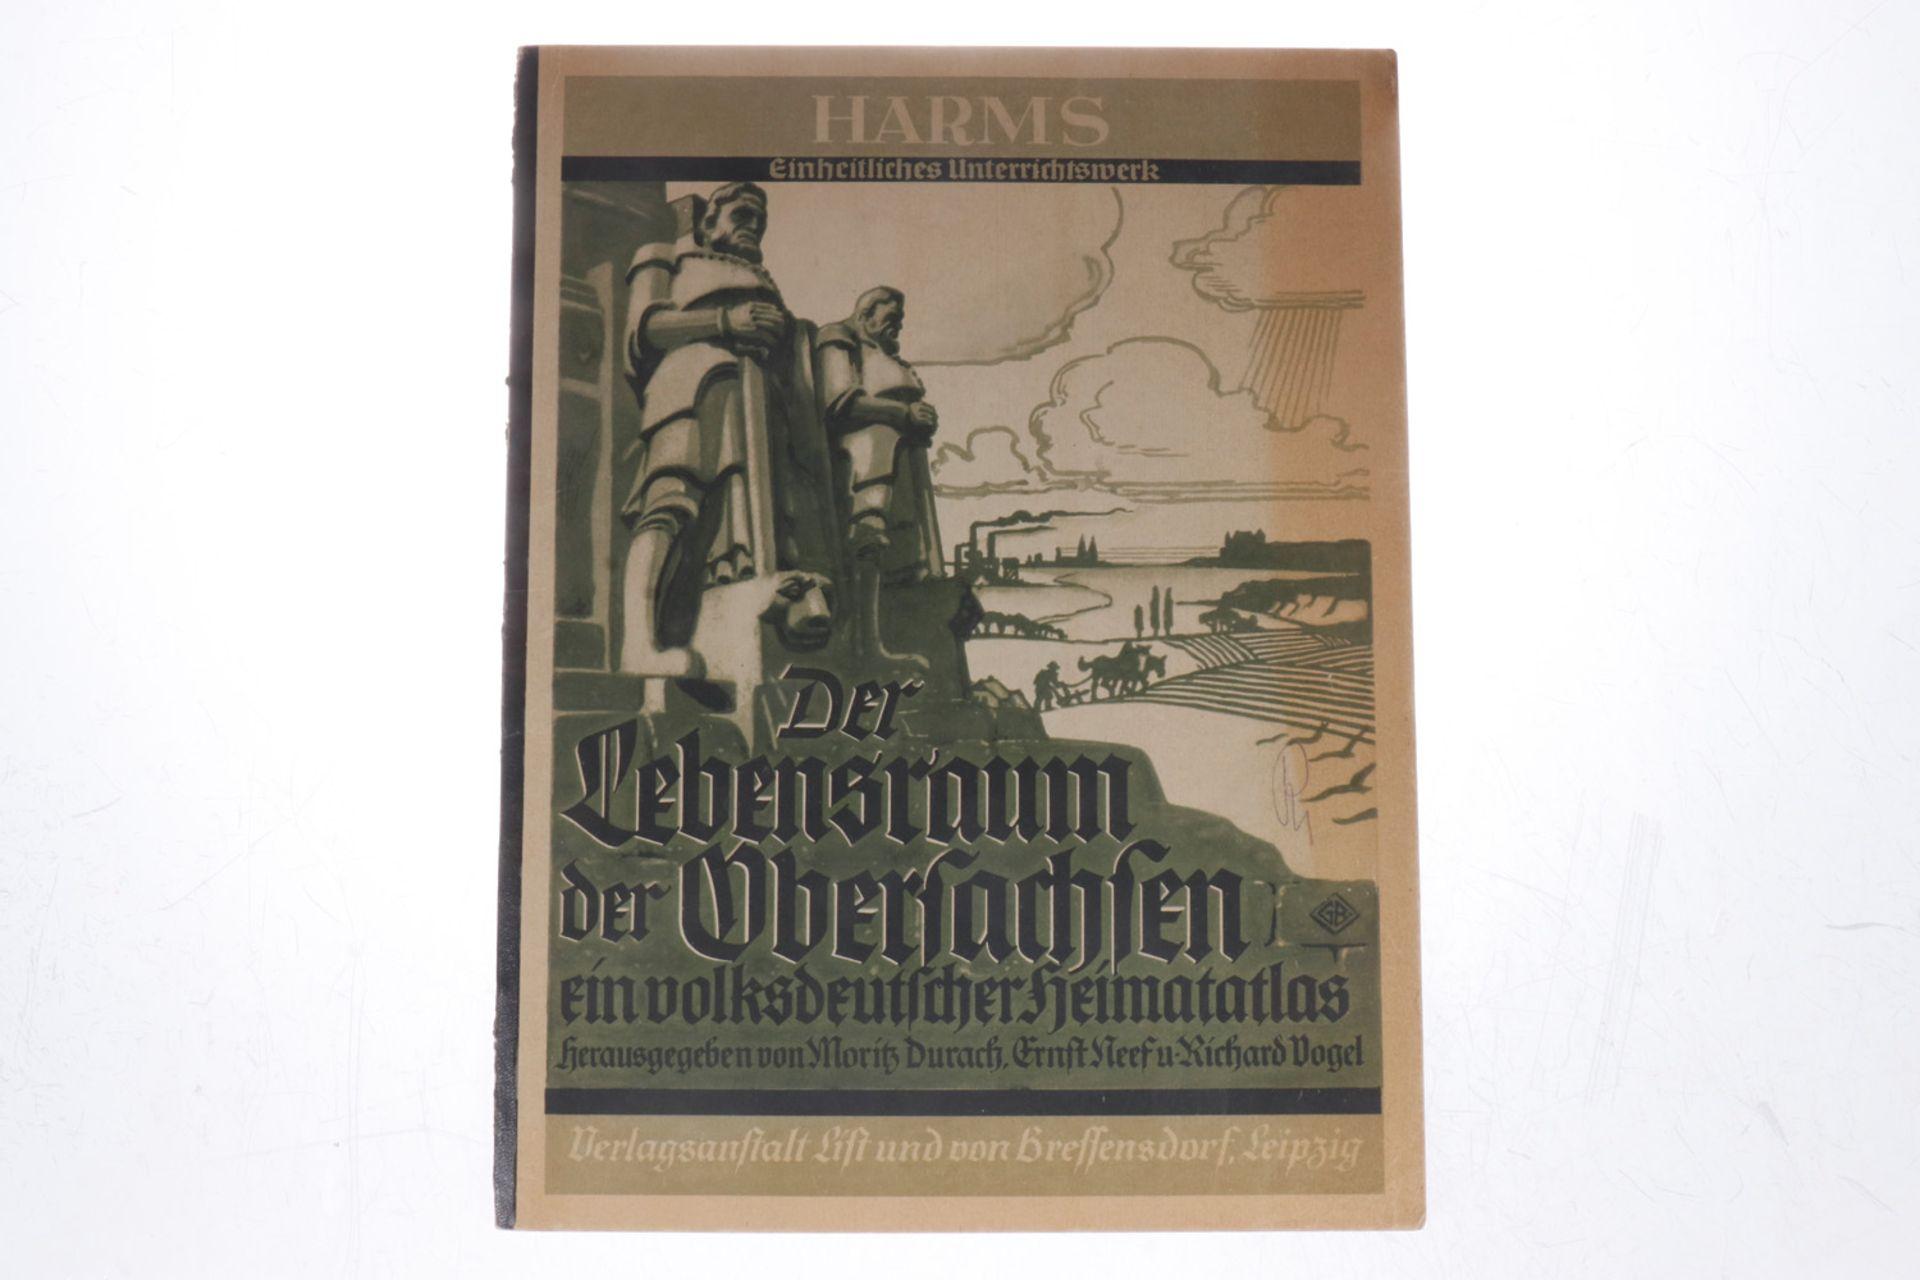 """""""Der Lebensraum der Obersachsen"""", """"Ein volksdeutscher Heimatatlas"""", herausgegeben von Moritz Durach,"""